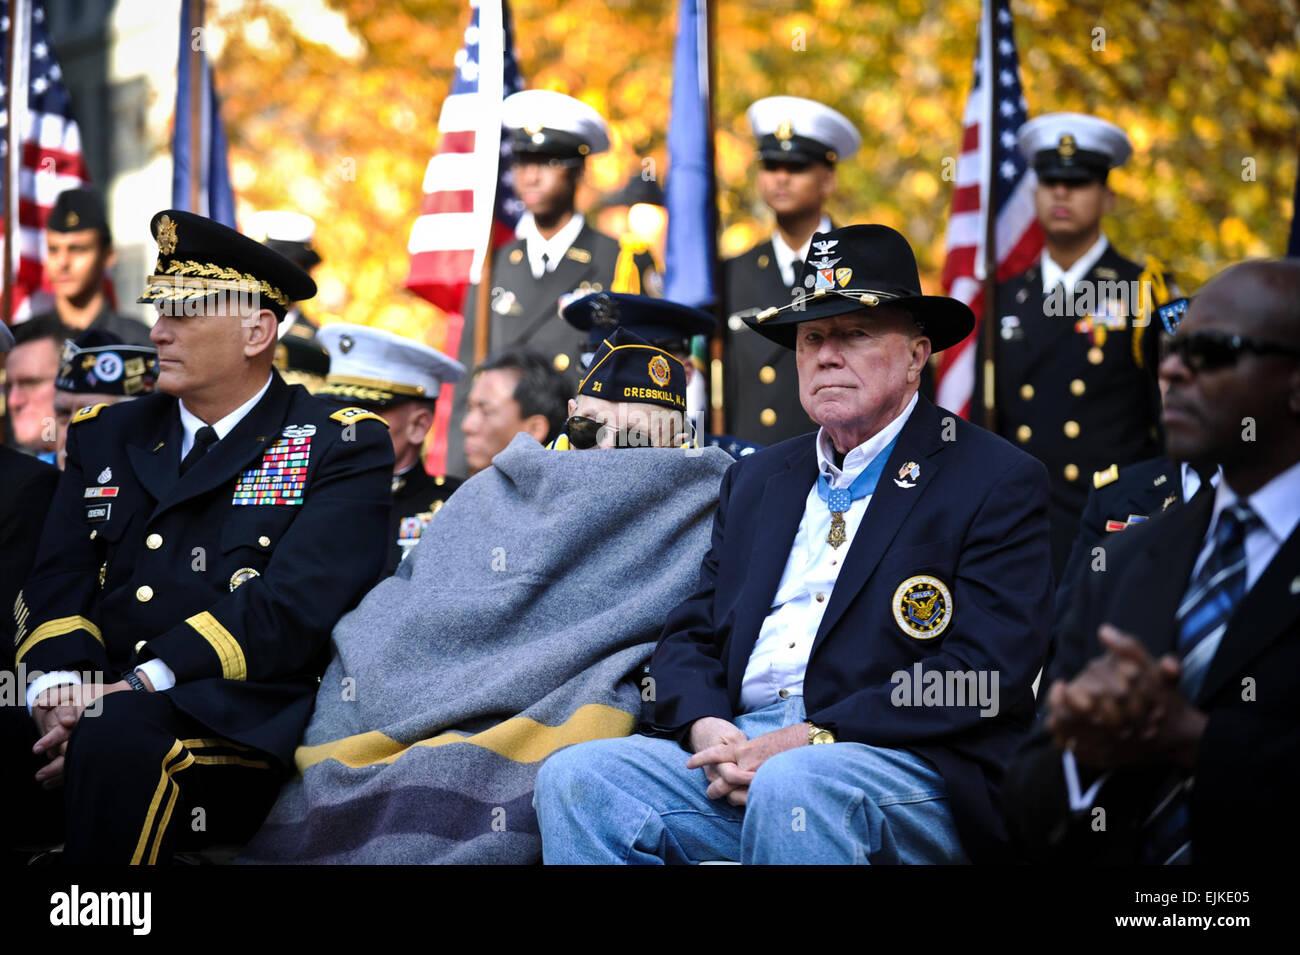 Besuchen Sie pensionierte Armee Oberst Bruce P. Crandall, rechts, und Nicholas Oresko, Center, beide Empfänger die Medal Of Honor, Veterans Day-Aktivitäten am Madison Square Park in New York City, New York, 11. November 2011 Kriegsveteranen zu Ehren.  Oresko ist der älteste lebende Ehrenmedaille Empfänger.  Staff Sgt Teddy Wade Stockfoto